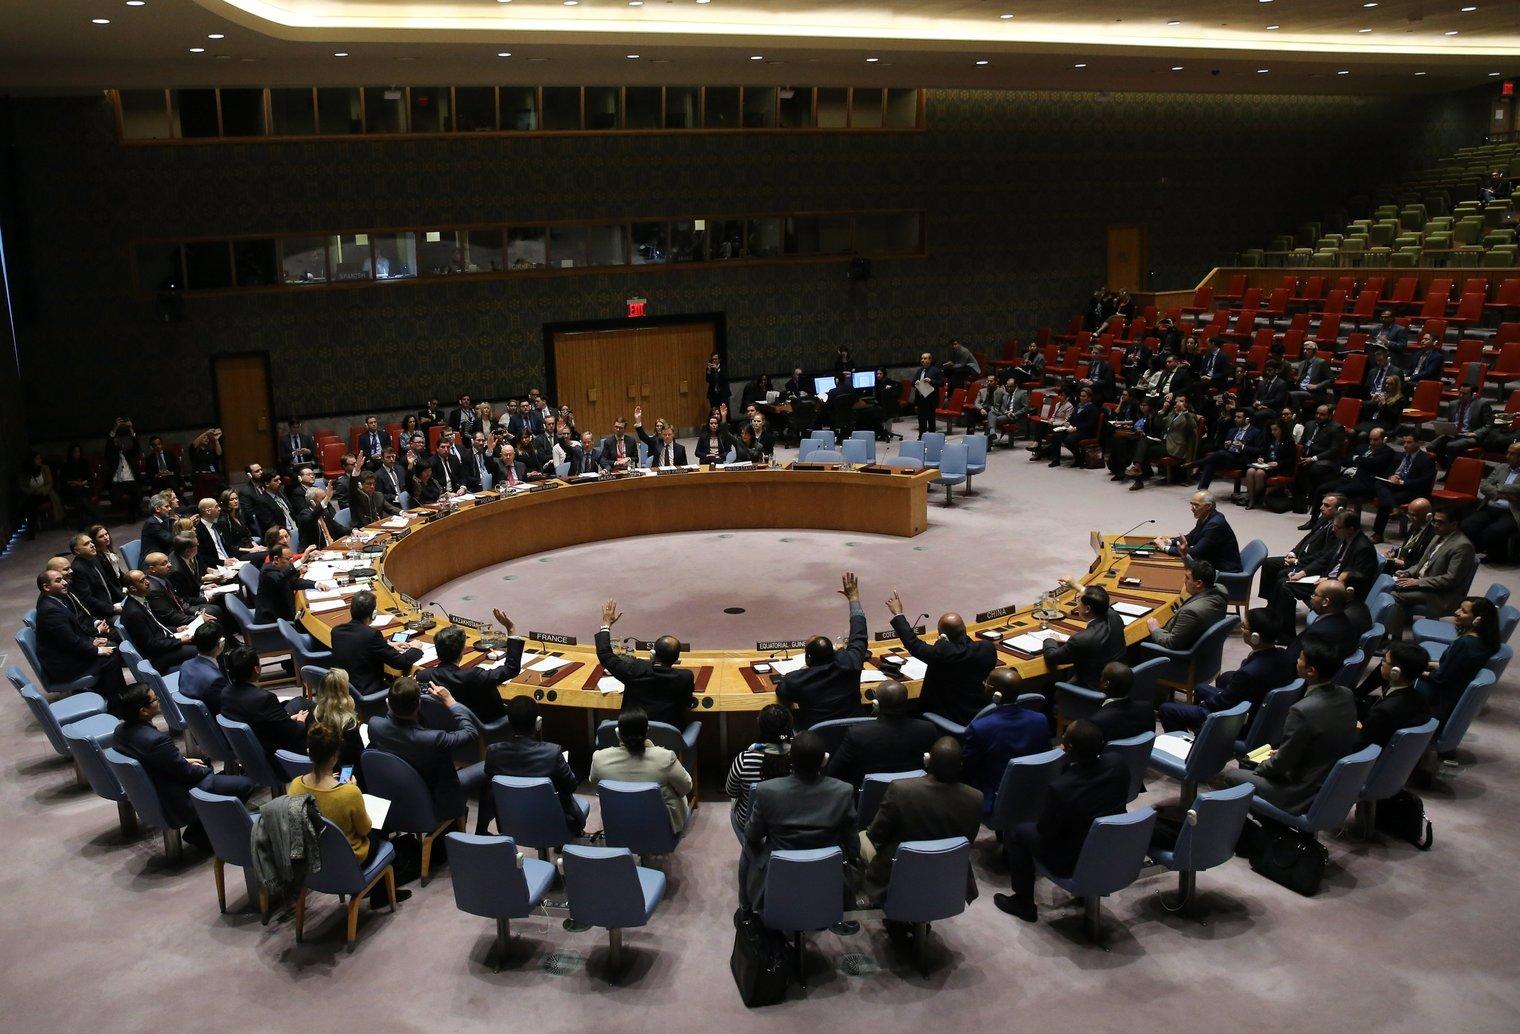 A szíriai tűzszünetet követelő határozatról szavaznak az ENSZ Biztonsági Tanácsában, New Yorkban 2018. február 24-én. A BT egyhangúlag fogadott el határozatot, amelyben 30 napos tűzszünet haladéktalan kihirdetését követeli Szíriában, hogy a segélyszállítmányok eljuthassanak az ostromlott Kelet-Gútába. (MTI/EPA/Peter Foley)